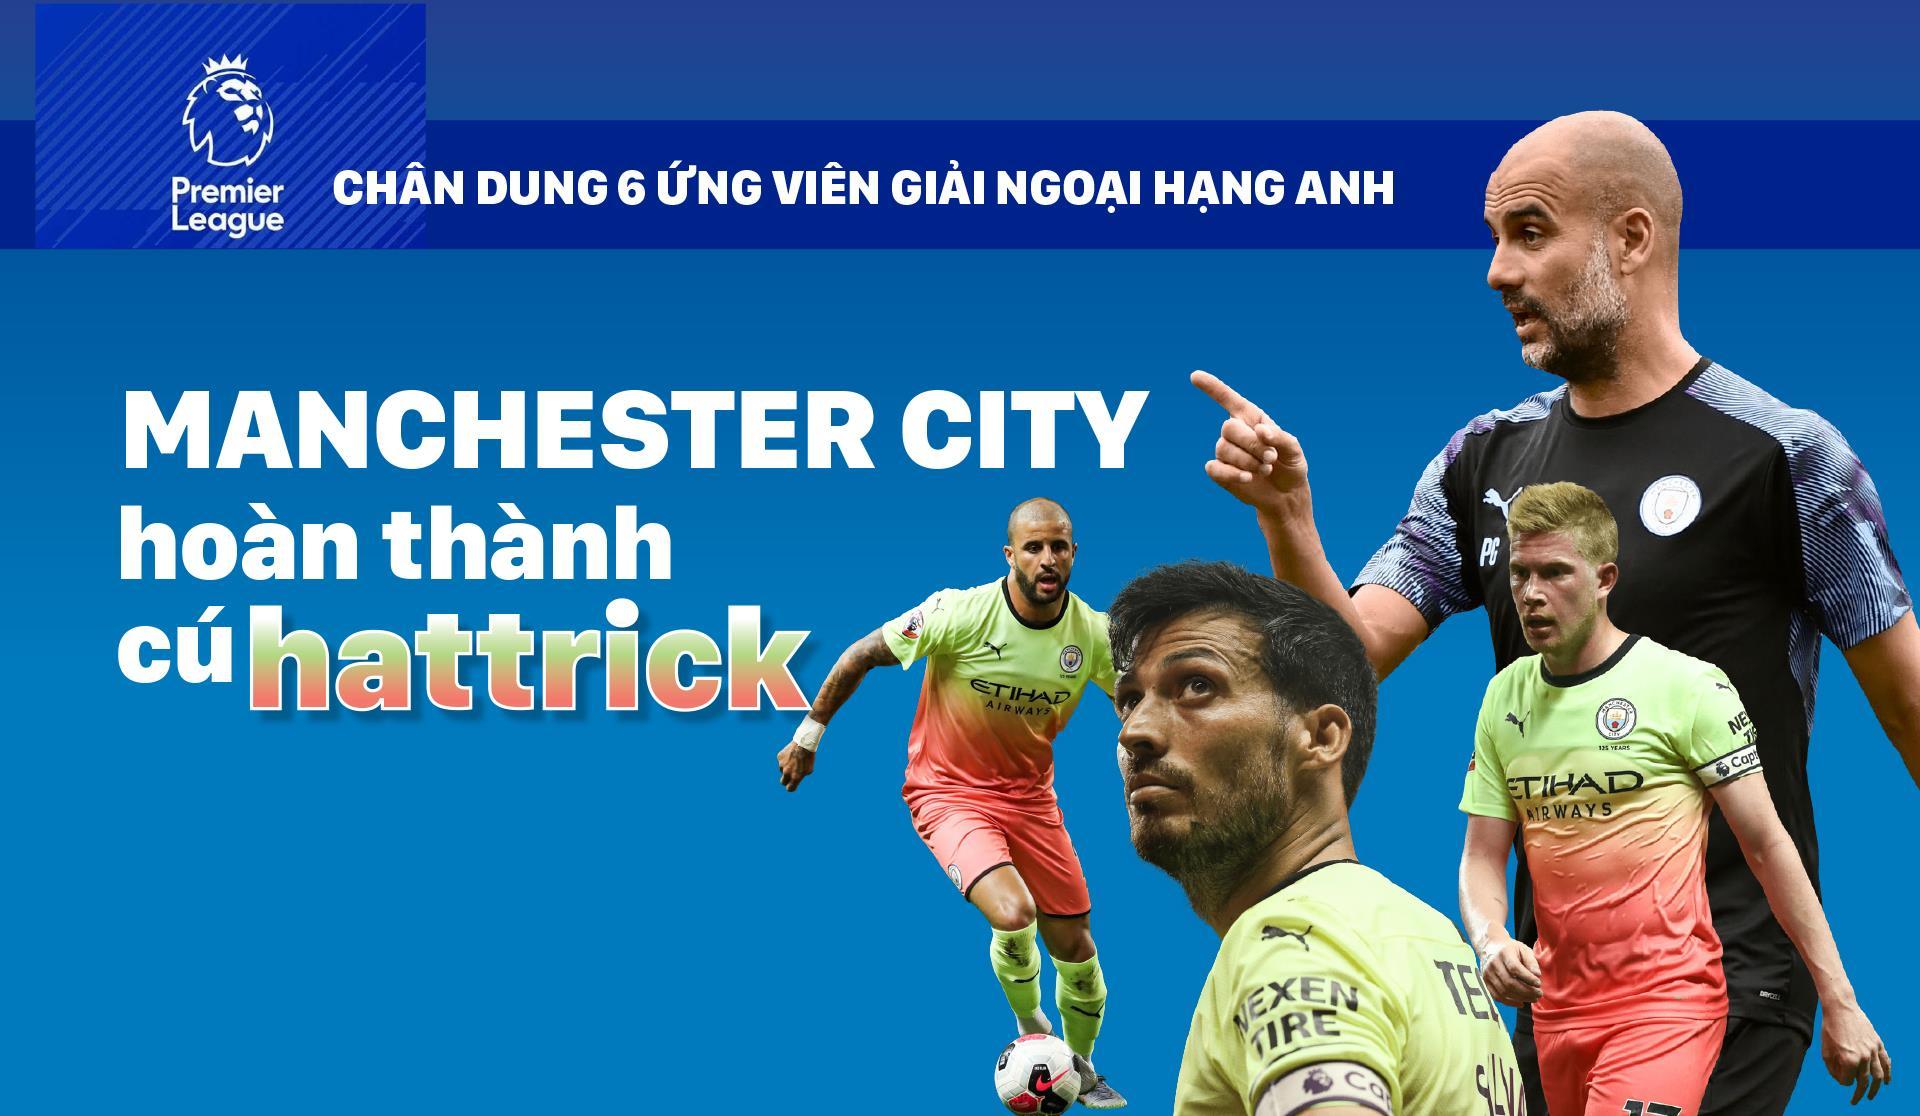 MANCHESTER CITY - hoàn thành cú hattrick